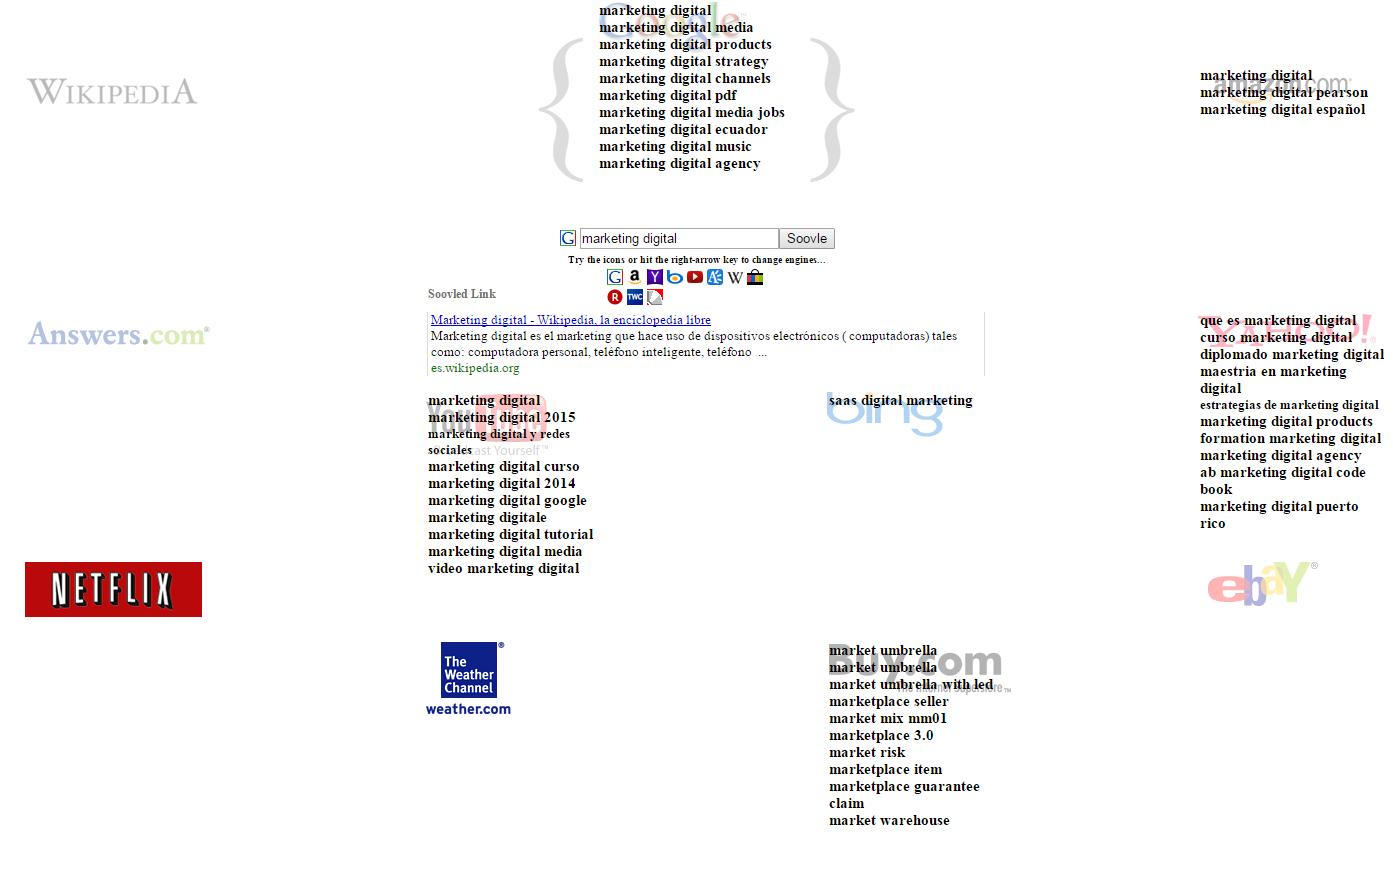 herramienta soovle para encontrar palabras claves